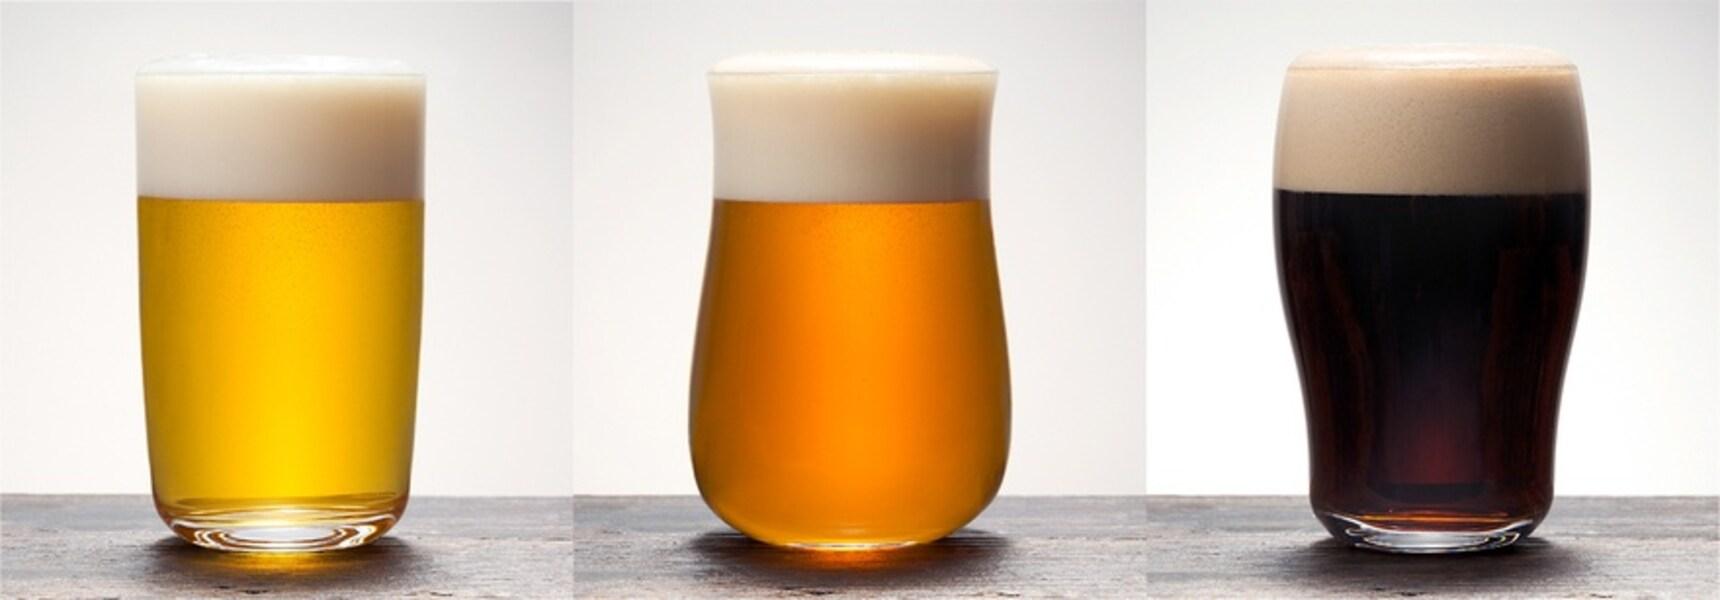 5 ภาชนะงามๆ ที่คนญี่ปุ่นเลือกไว้ใส่เหล้าเบียร์